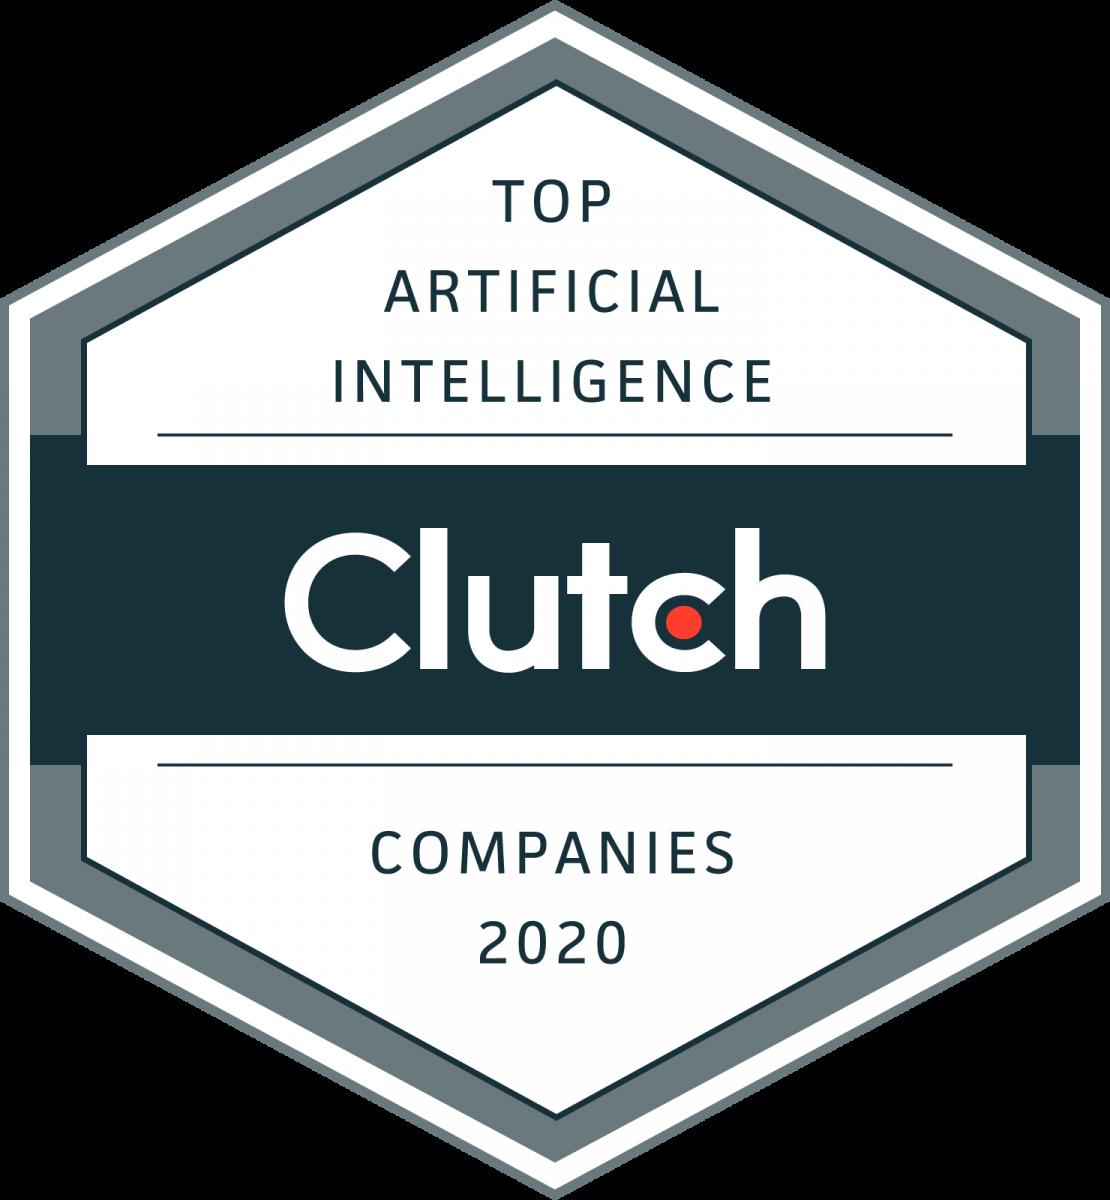 Top AI Companies 2020 Clutch